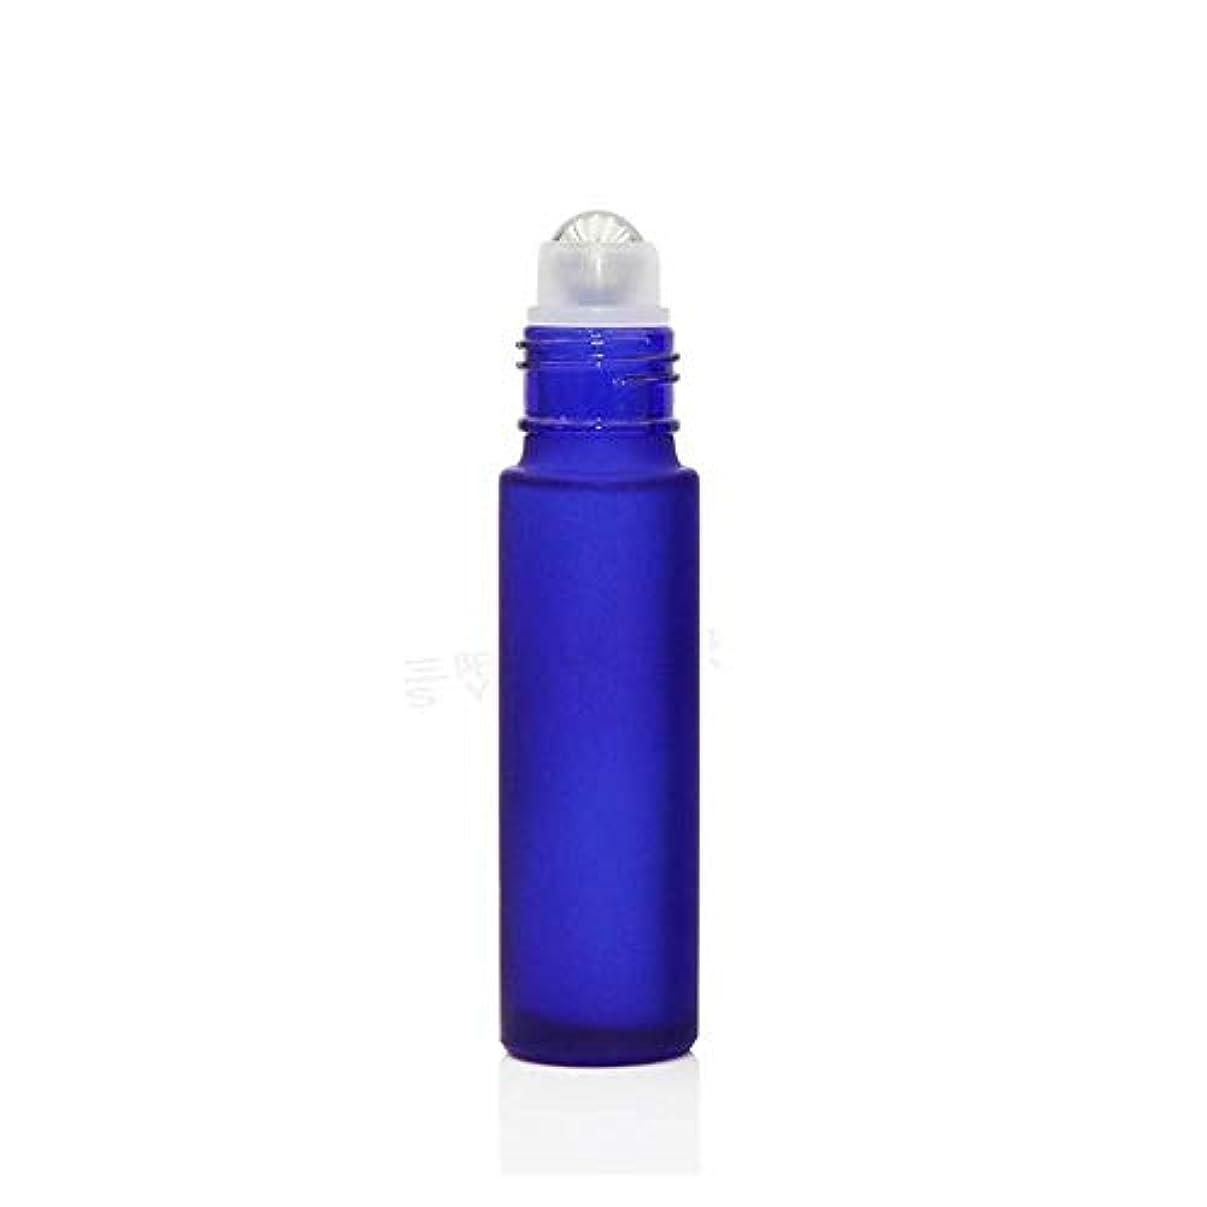 不信排除するシンプルなgundoop ロールオンボトル アロマオイル 精油 小分け用 遮光瓶 10ml 10本セット ガラスロールタイプ (ブルー)